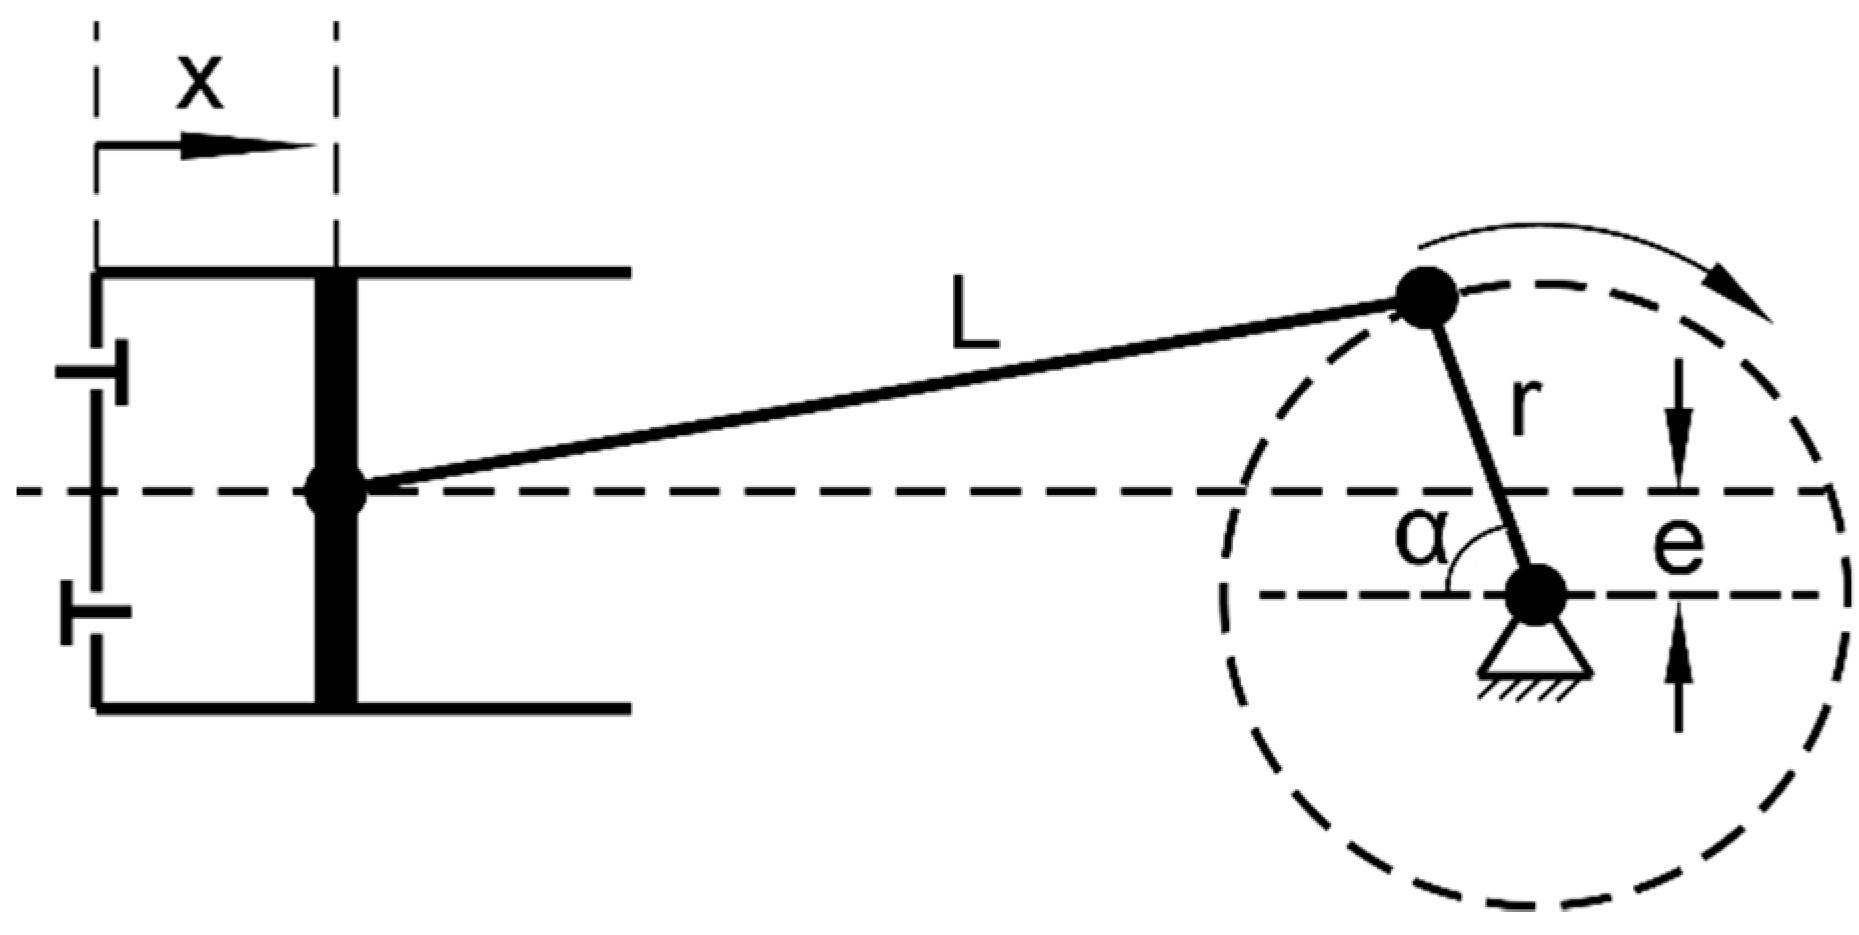 Refrigerator Compressor Diagram